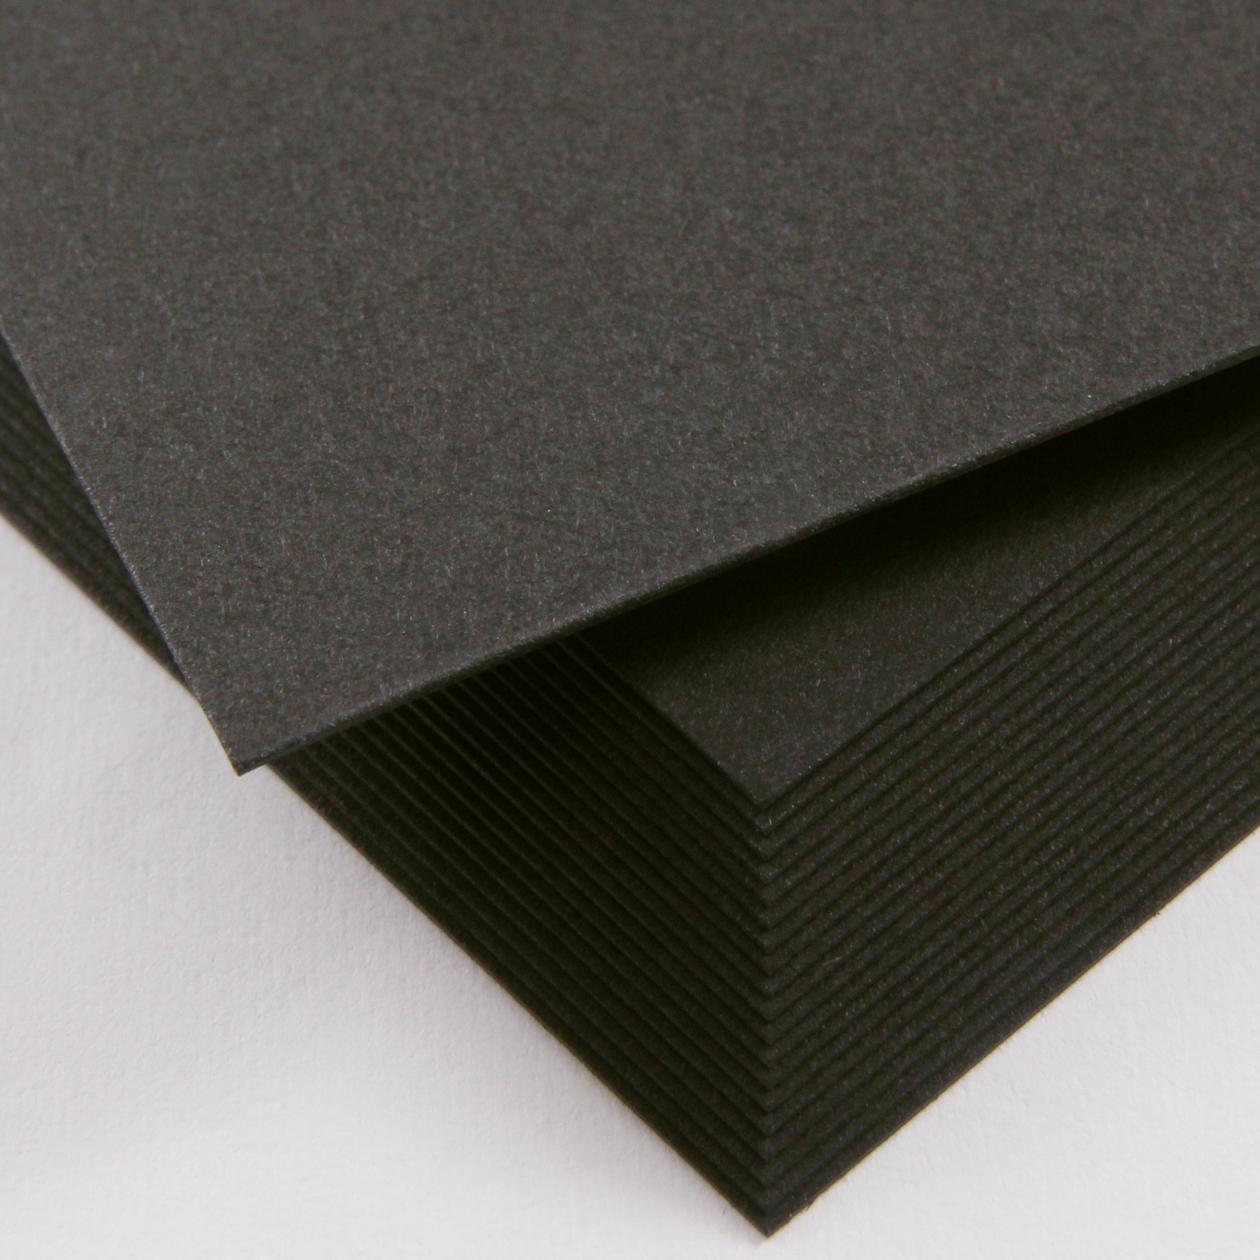 組箱 サイズA_04 ボード紙 ブラック 258.1g